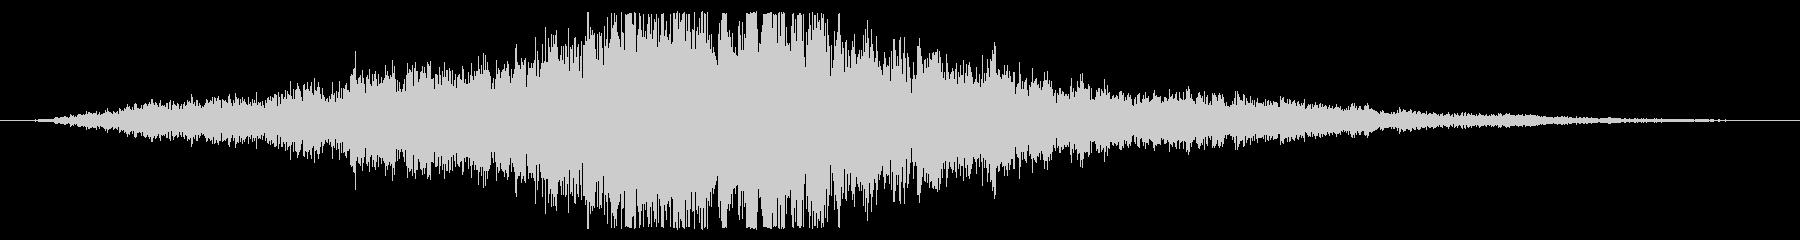 神秘的なクワイア合唱団の効果音です!1の未再生の波形